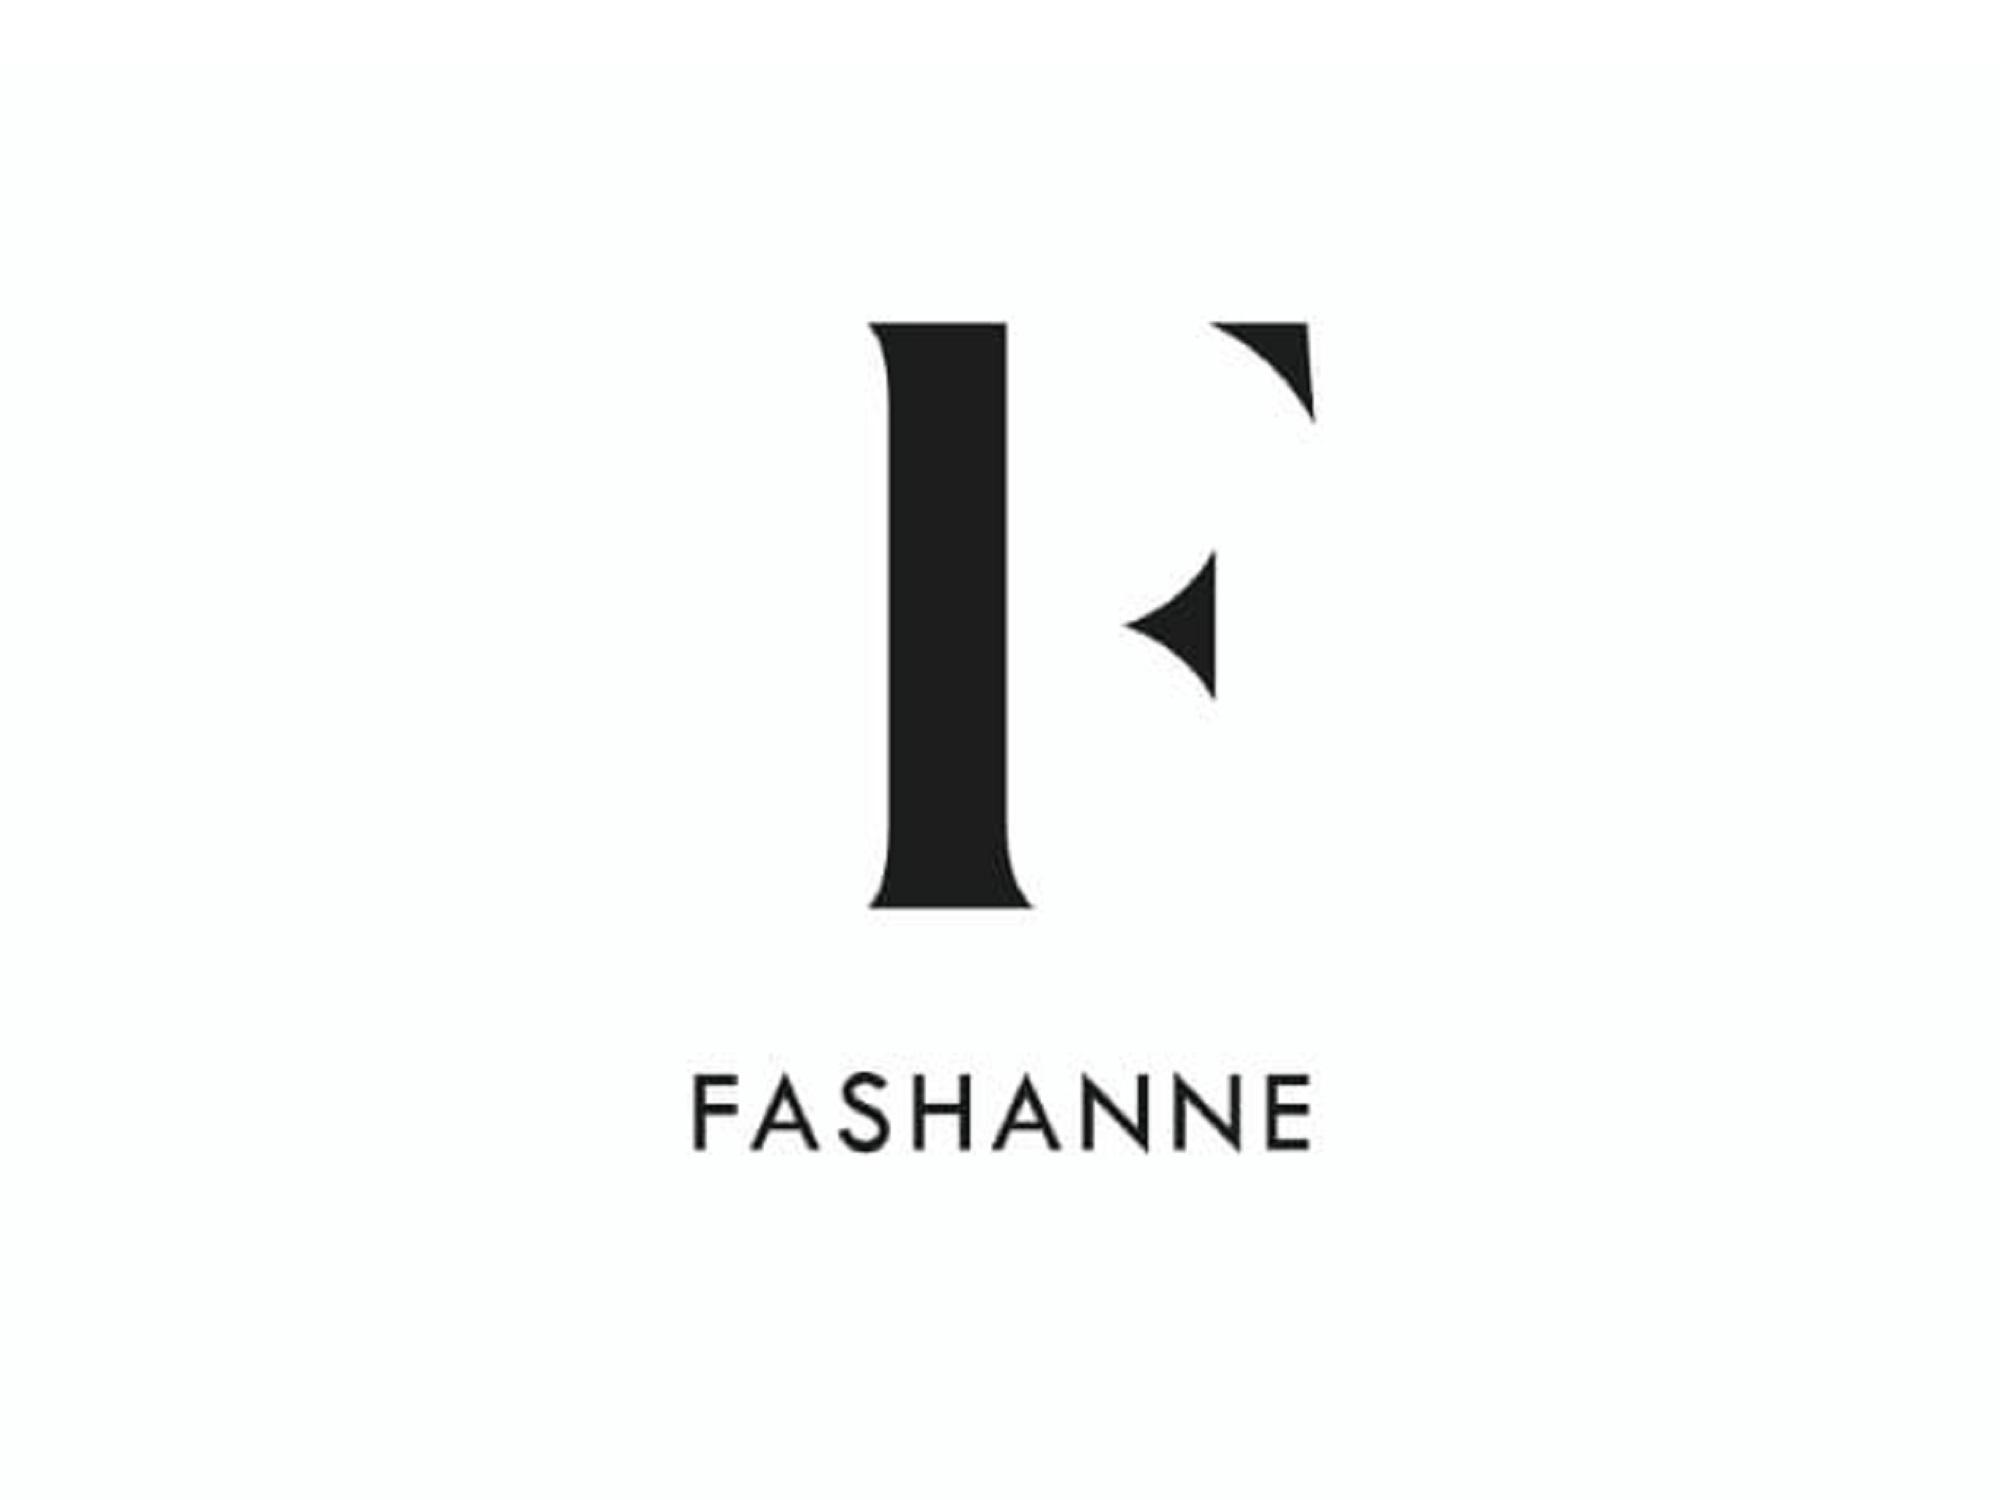 Fashanne Awards logo